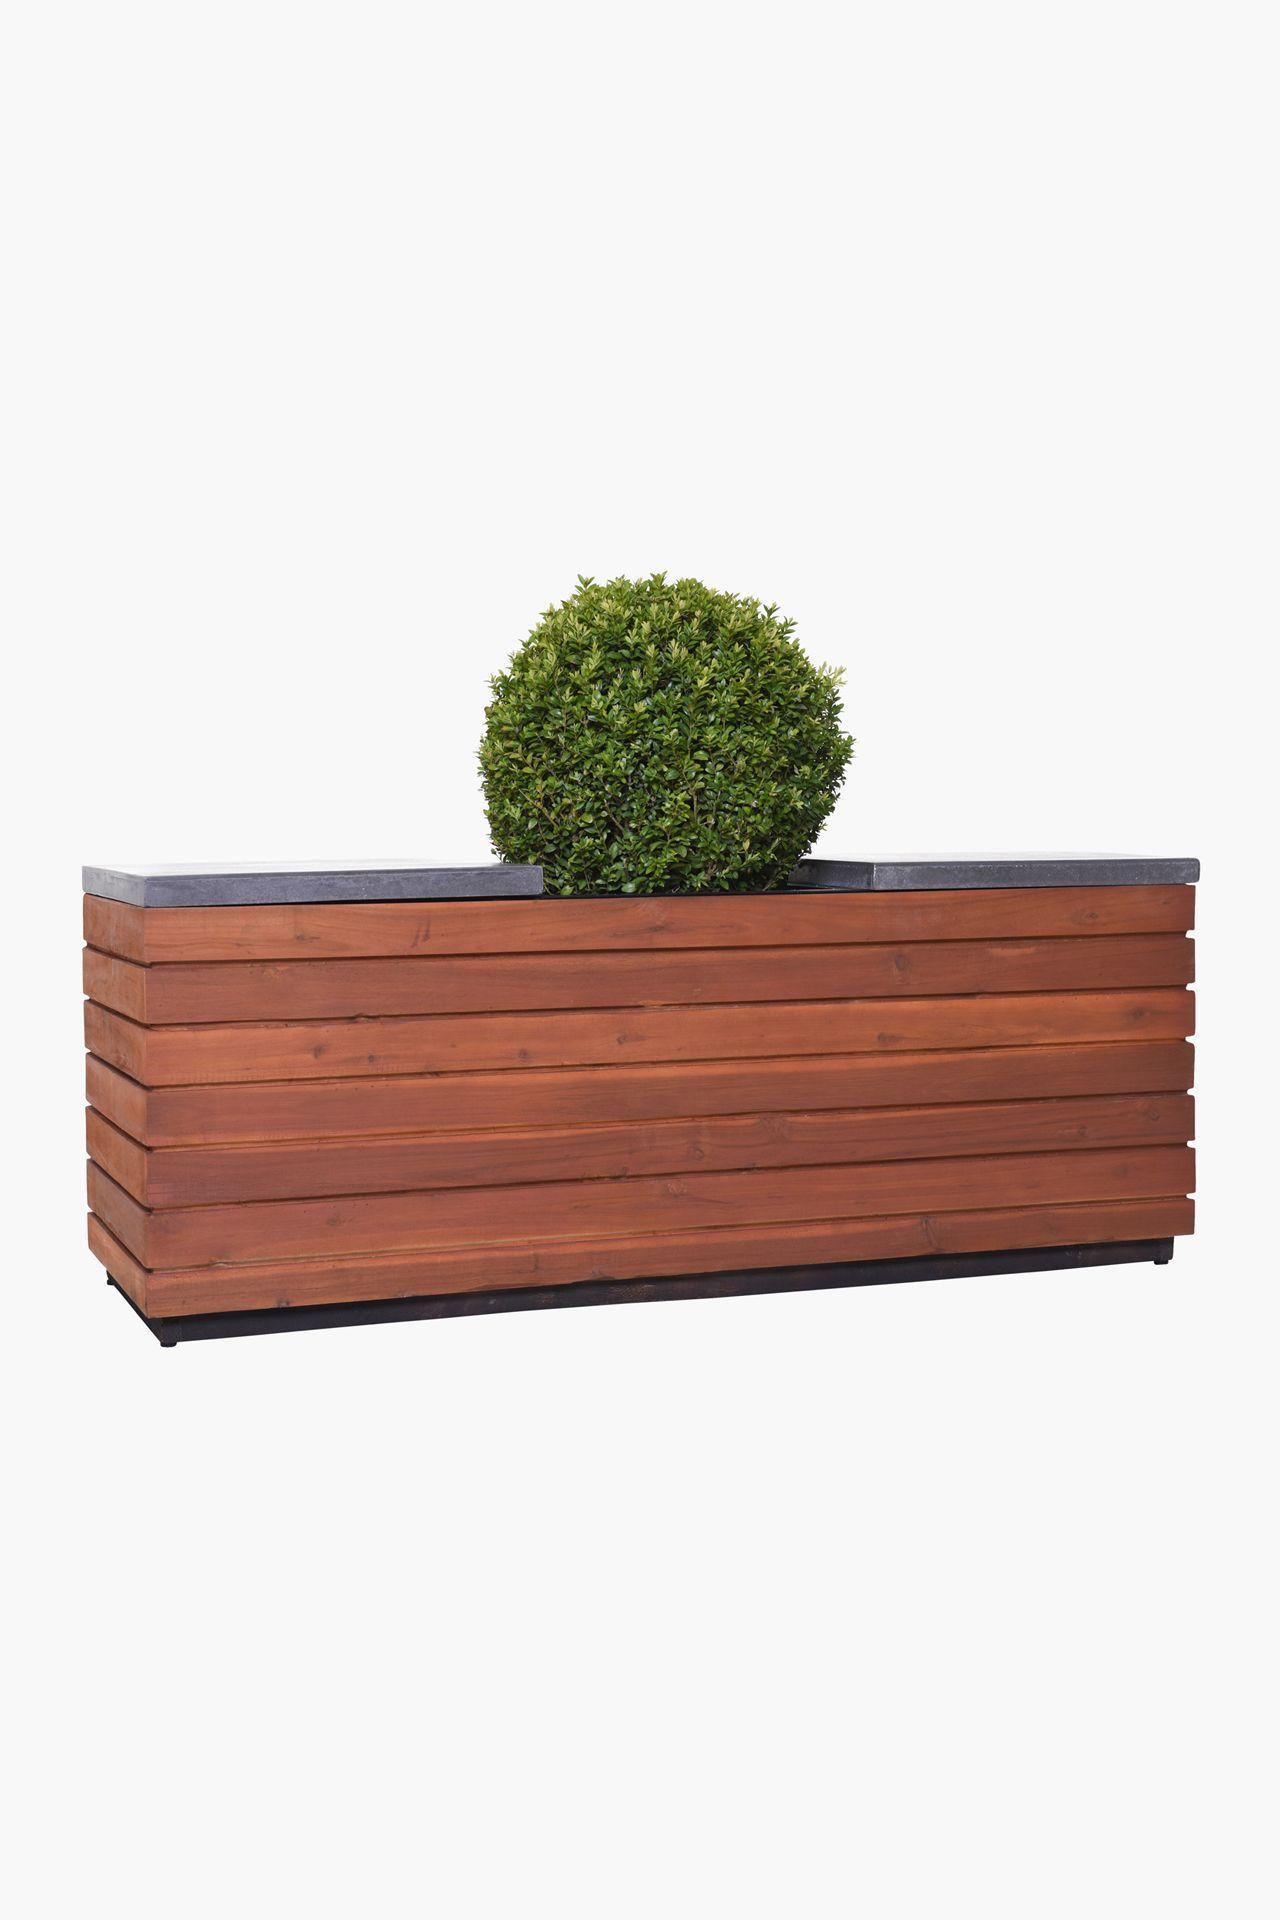 Pflanzkubel Sitzbank Holz Akazie Fiberzement Escana Braun Eine